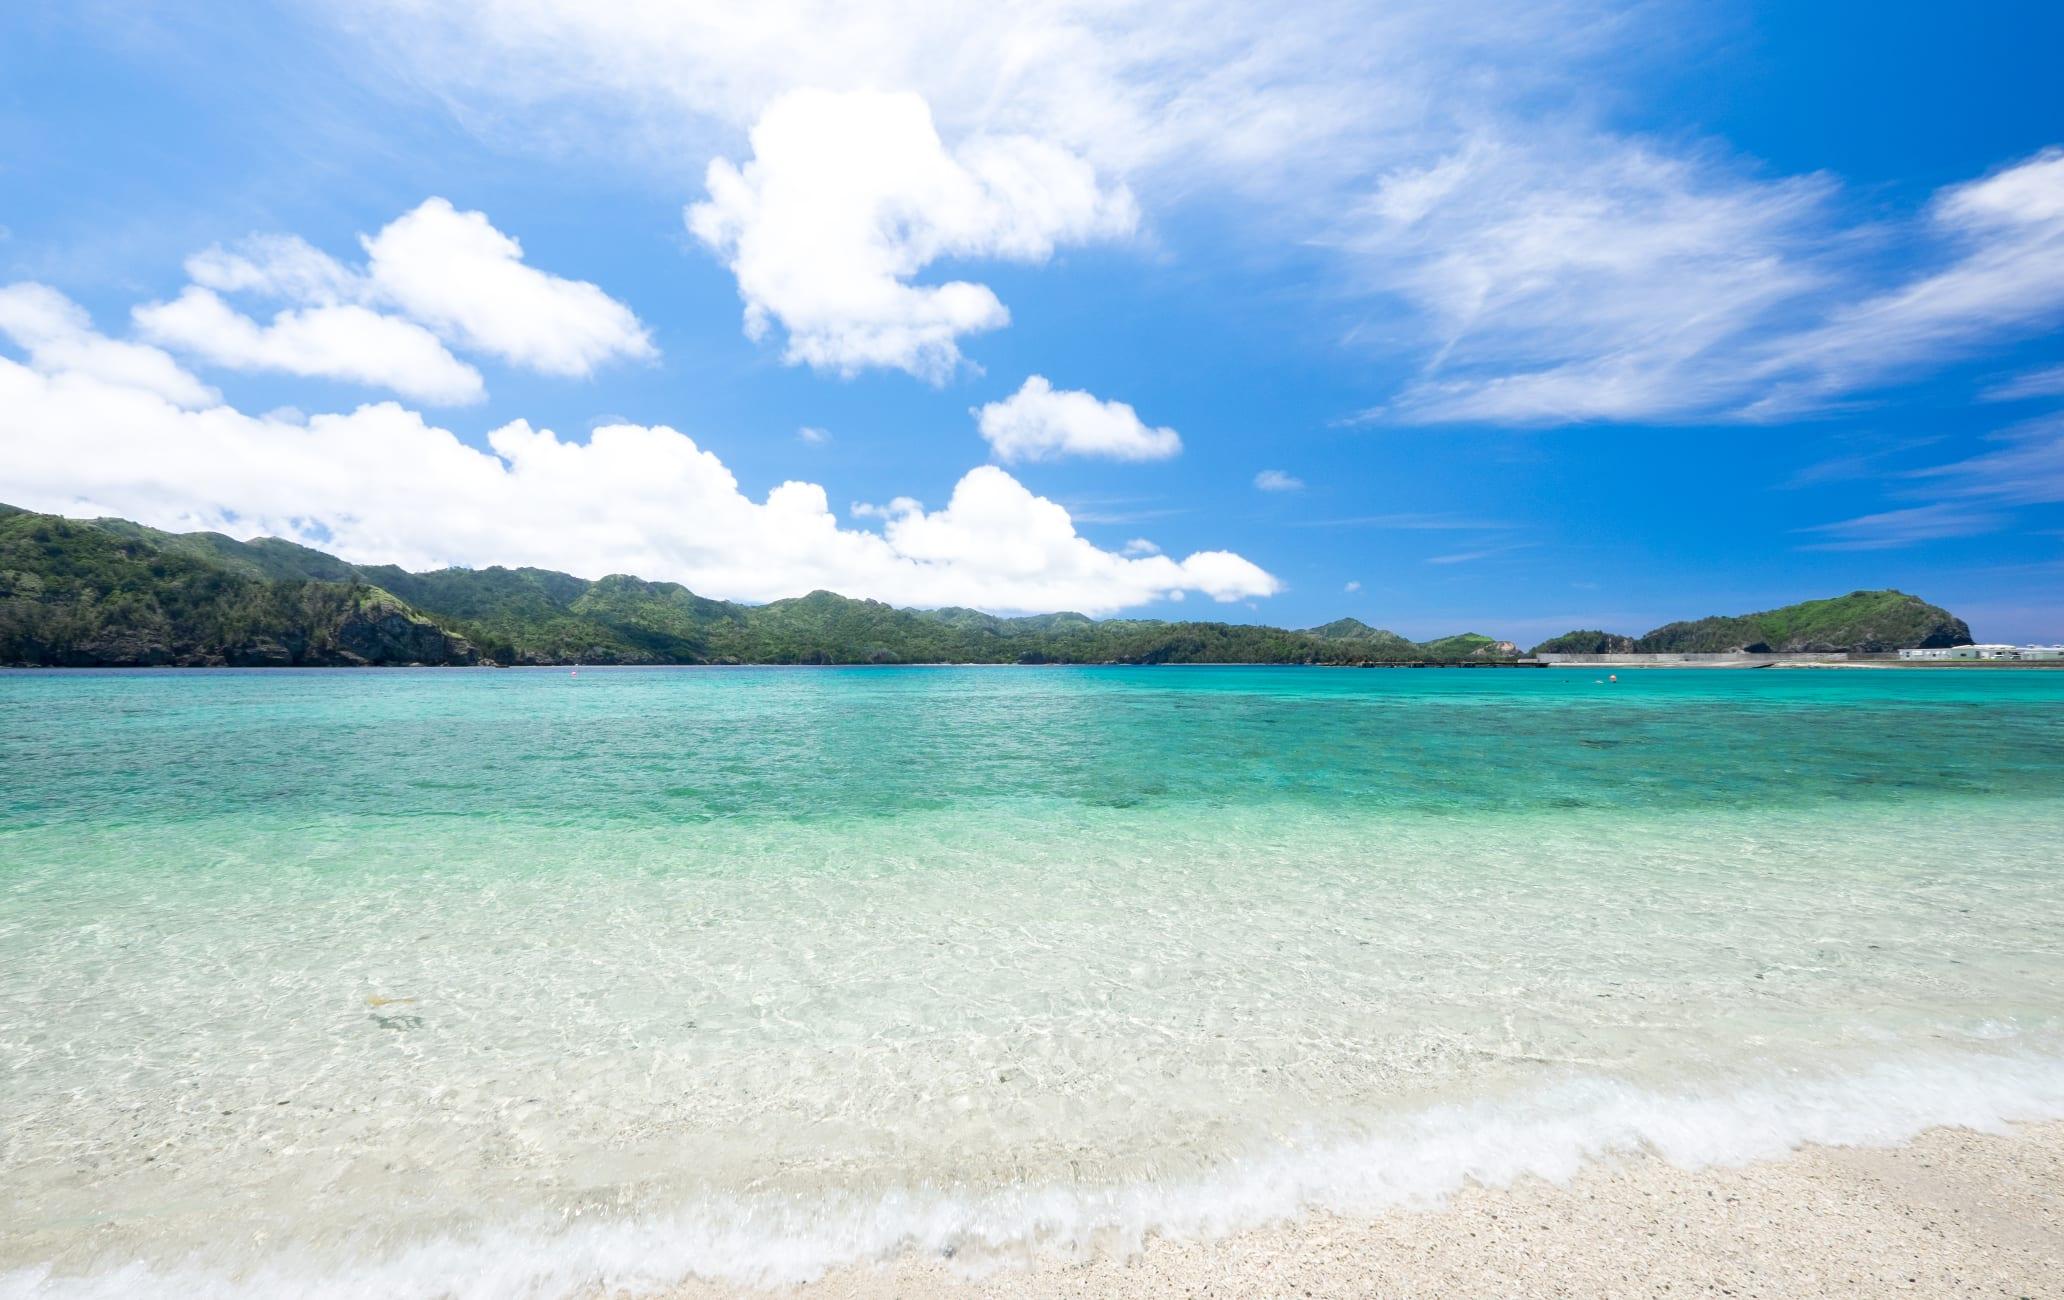 Chichi-jima Island